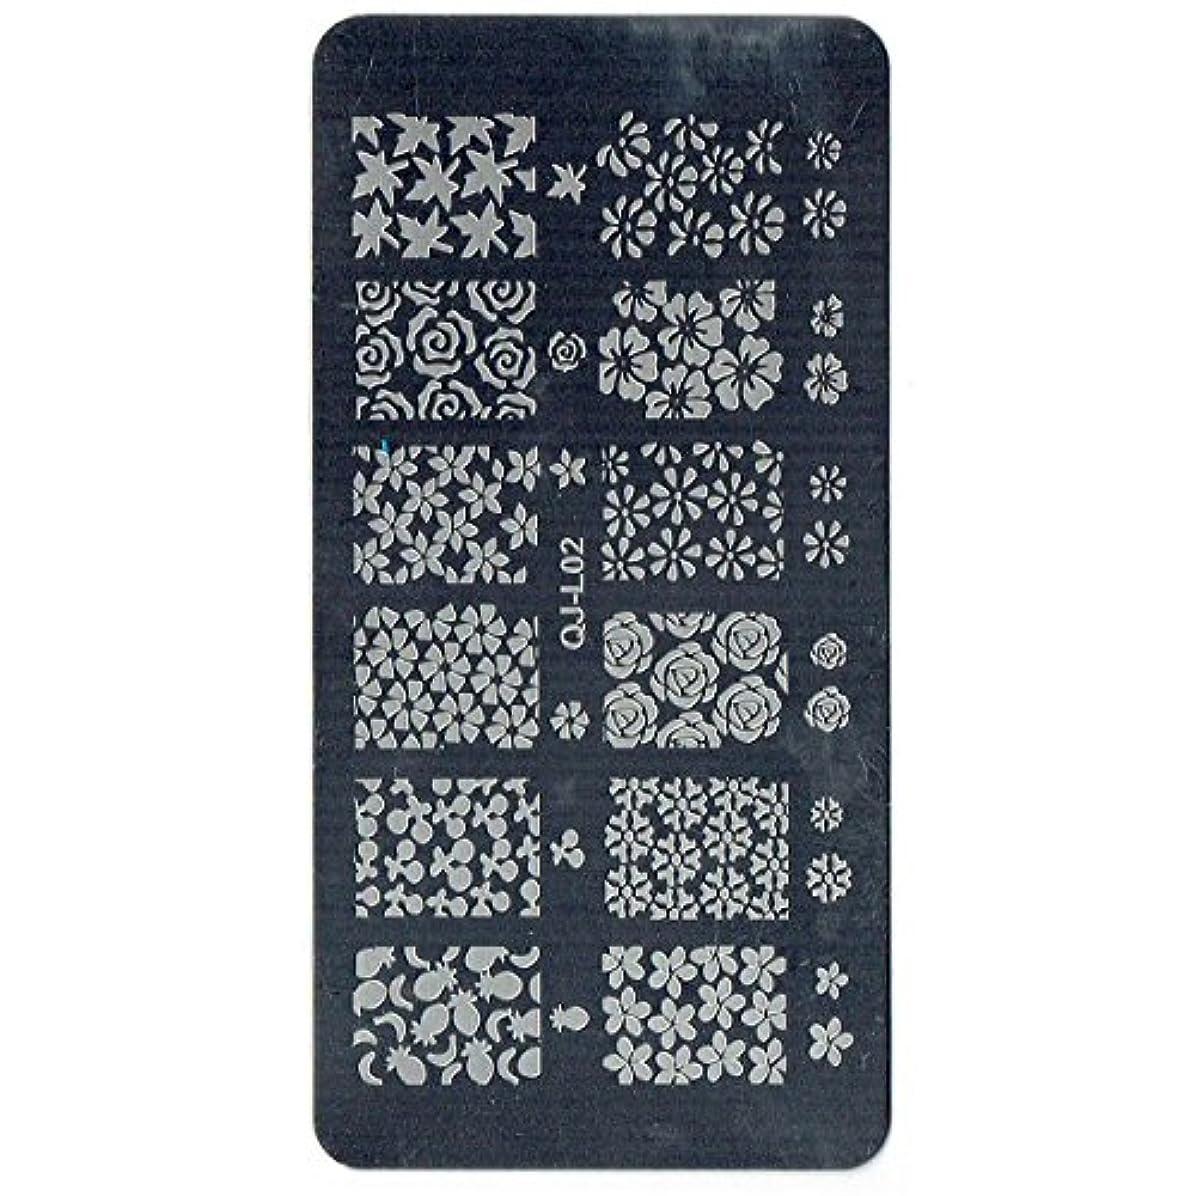 ナビゲーションかわすを通して[MG]エムジー 全18種 スタンピングネイルプレート<TYPE-C> スタンピングネイル スタンプネイル プレート (#02)